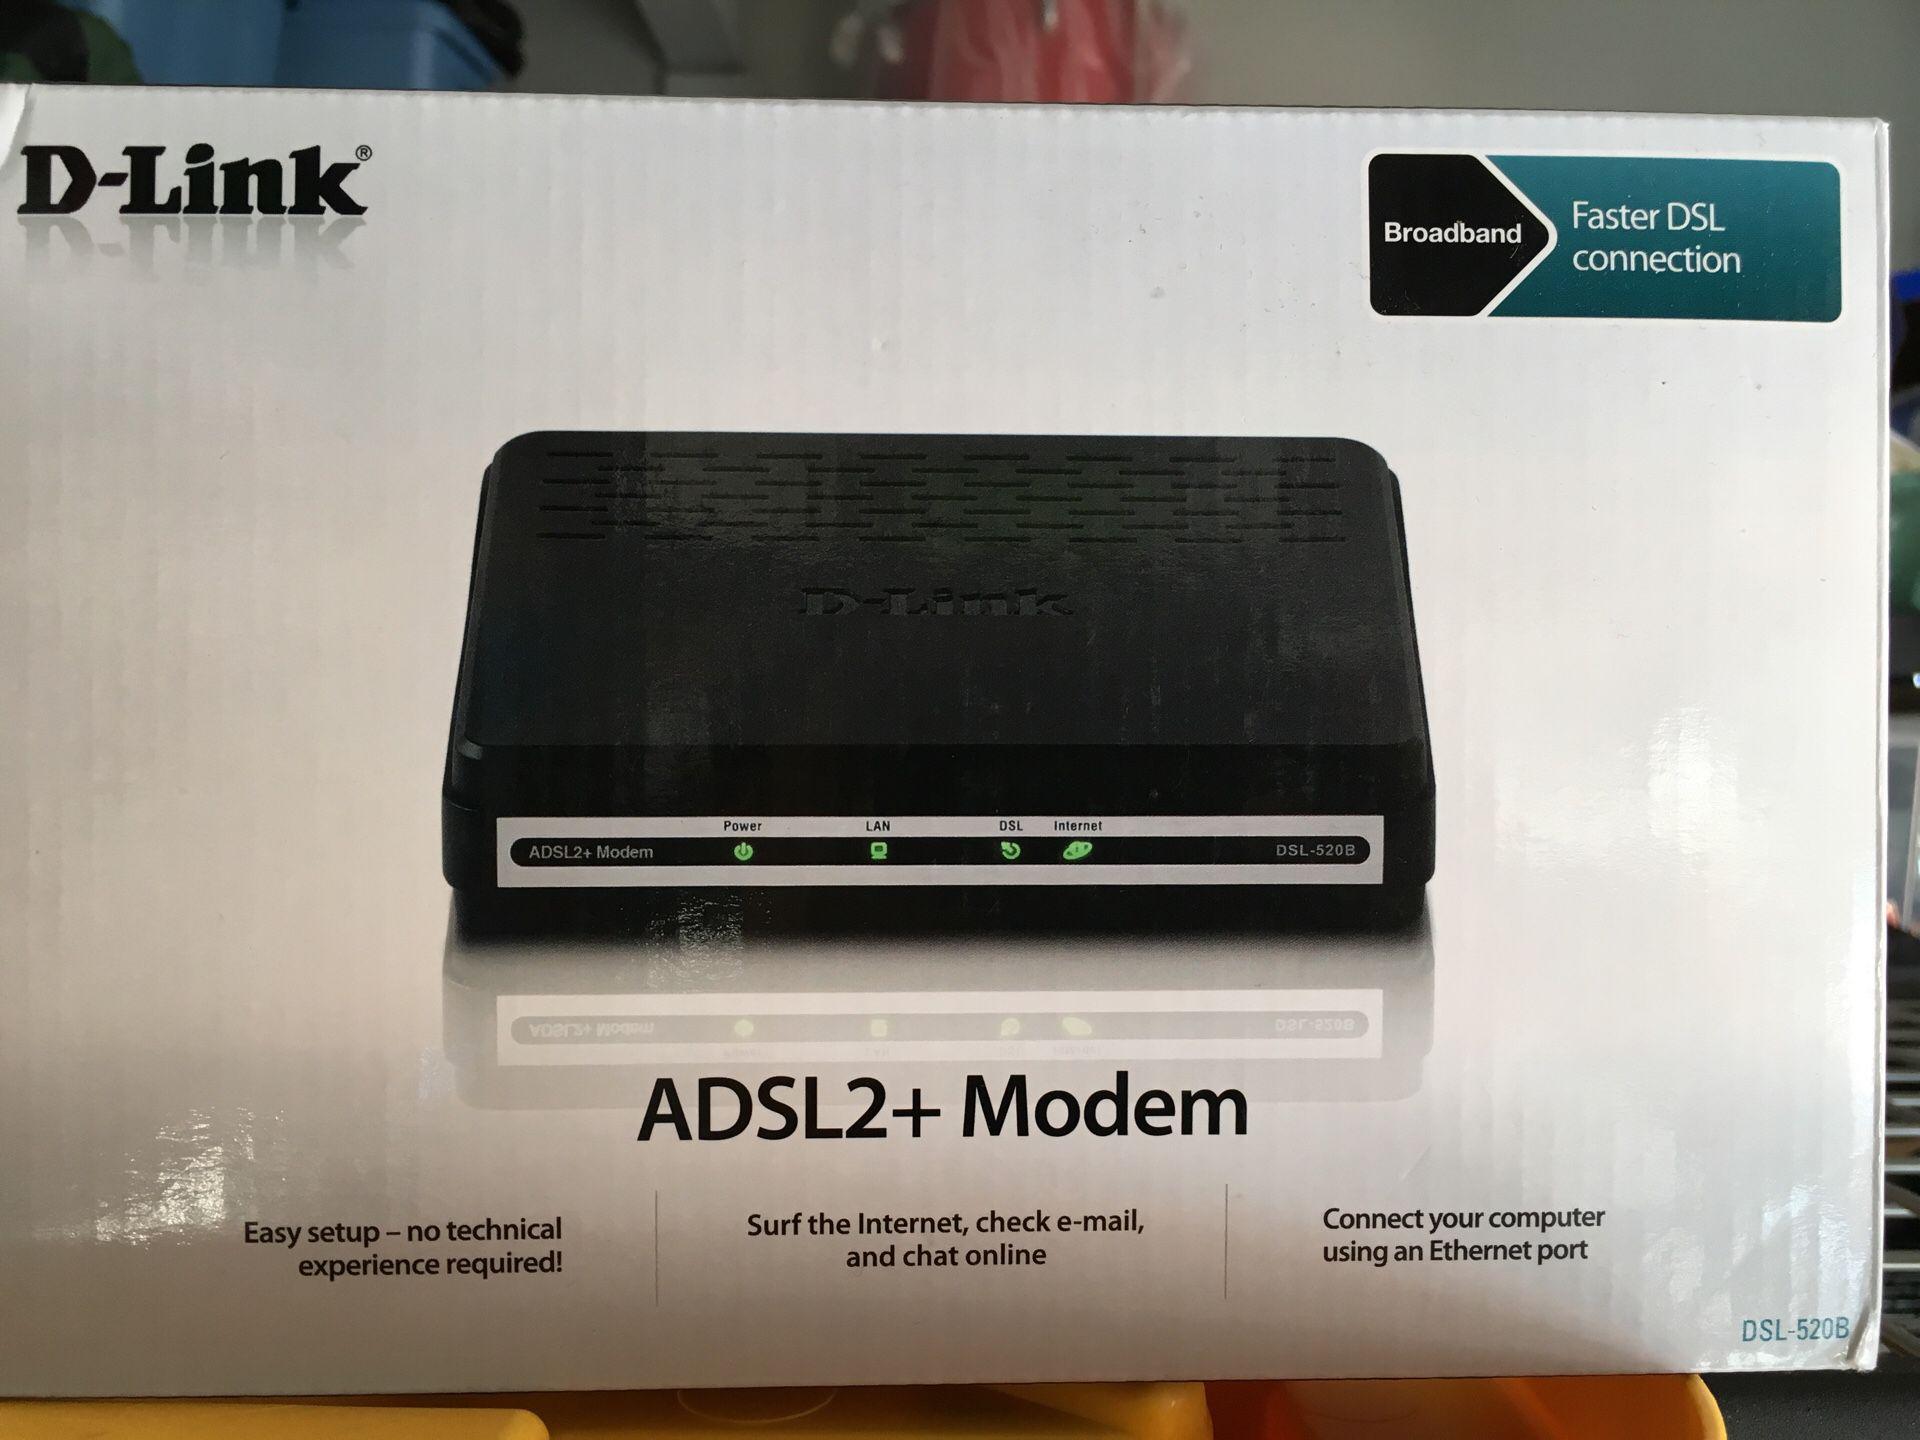 D-Link ADSL + Modem